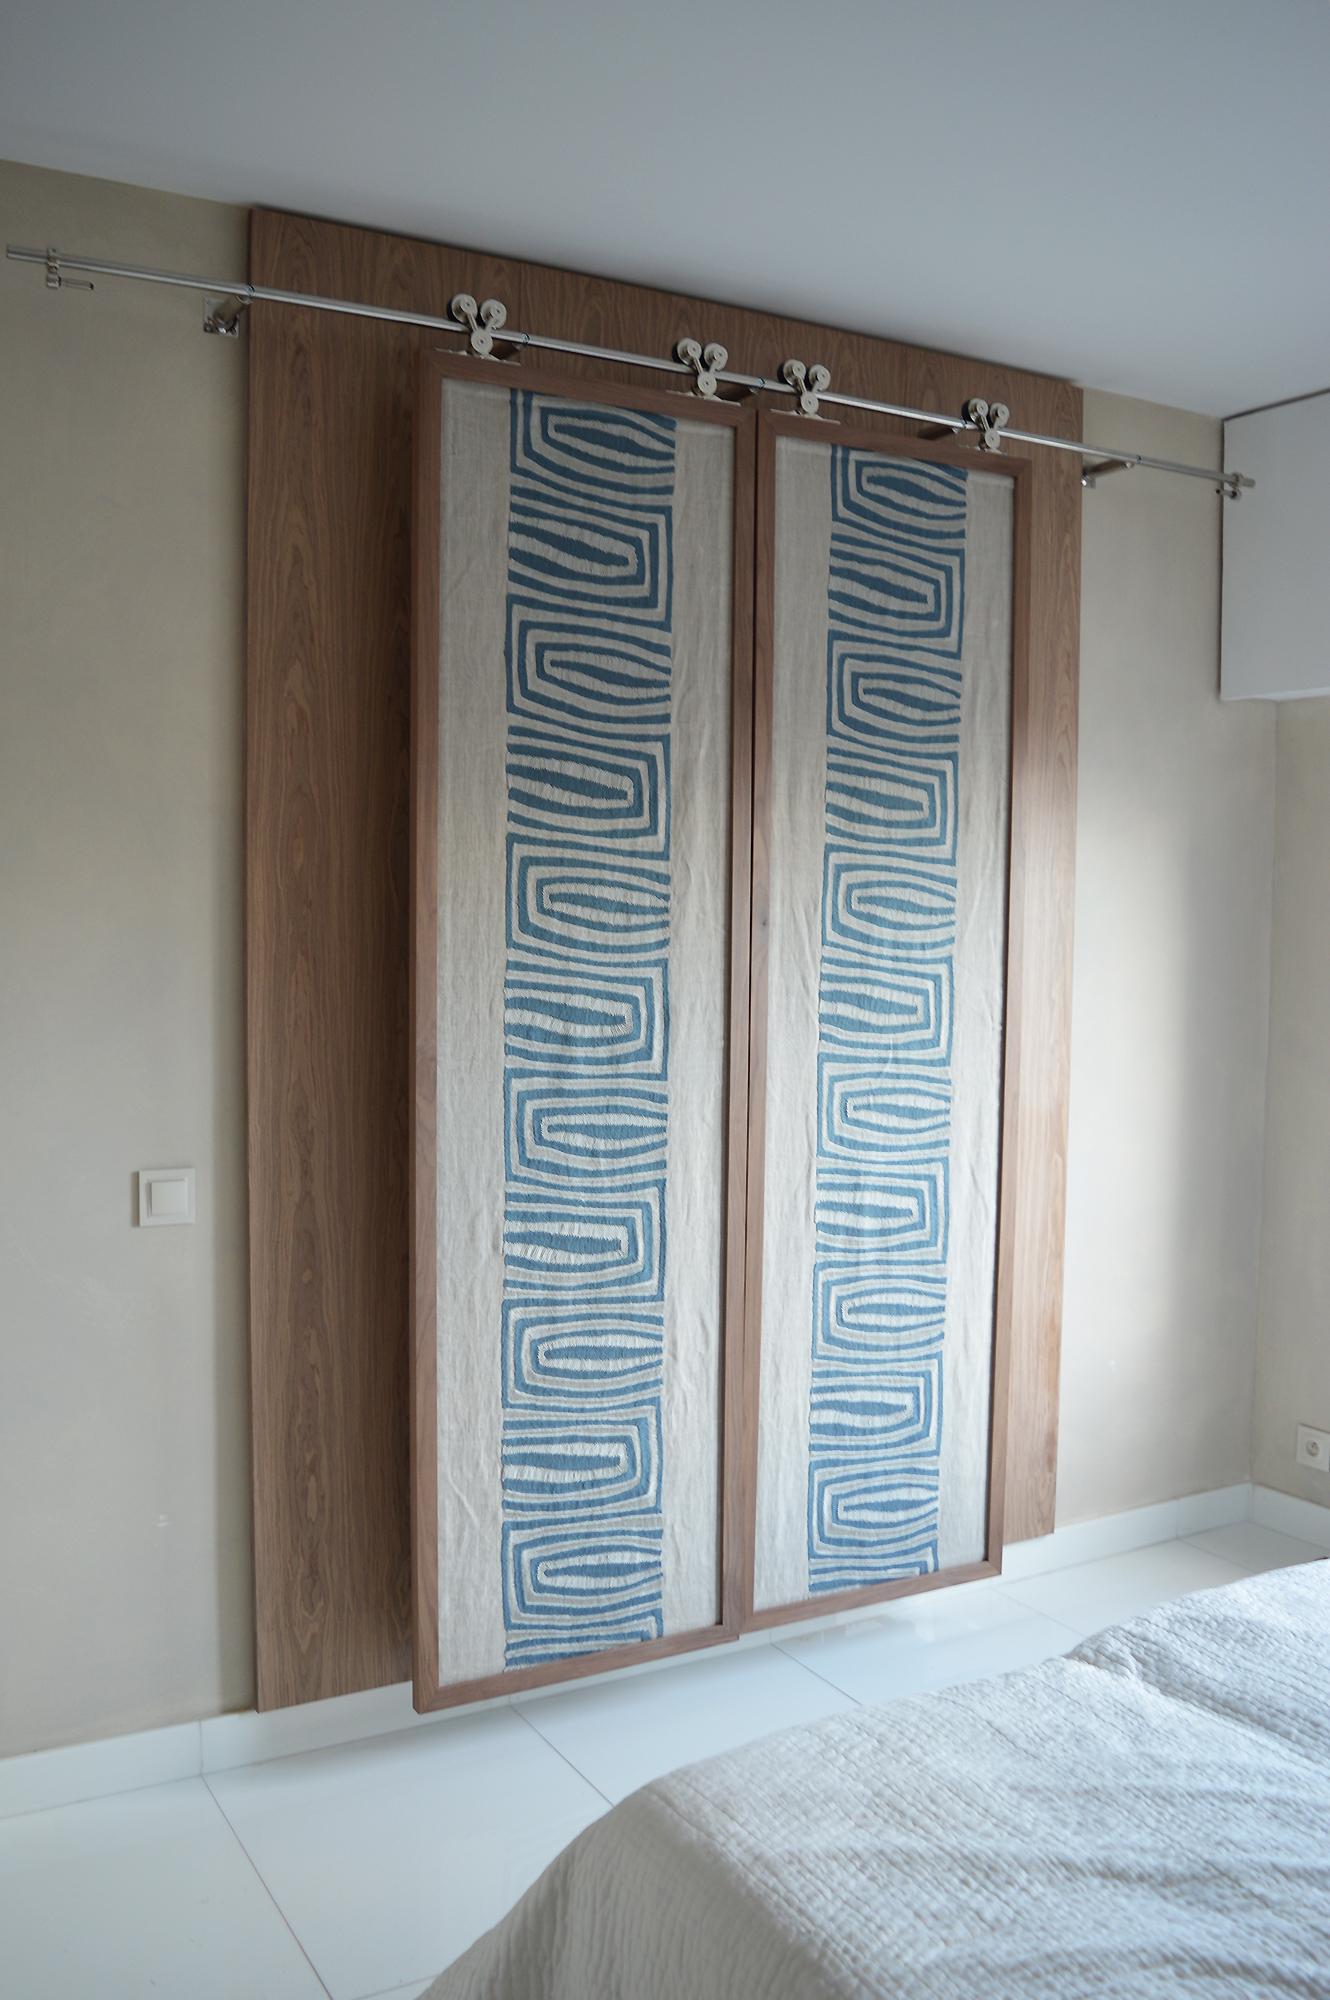 cache compteur electrique en bois. Black Bedroom Furniture Sets. Home Design Ideas